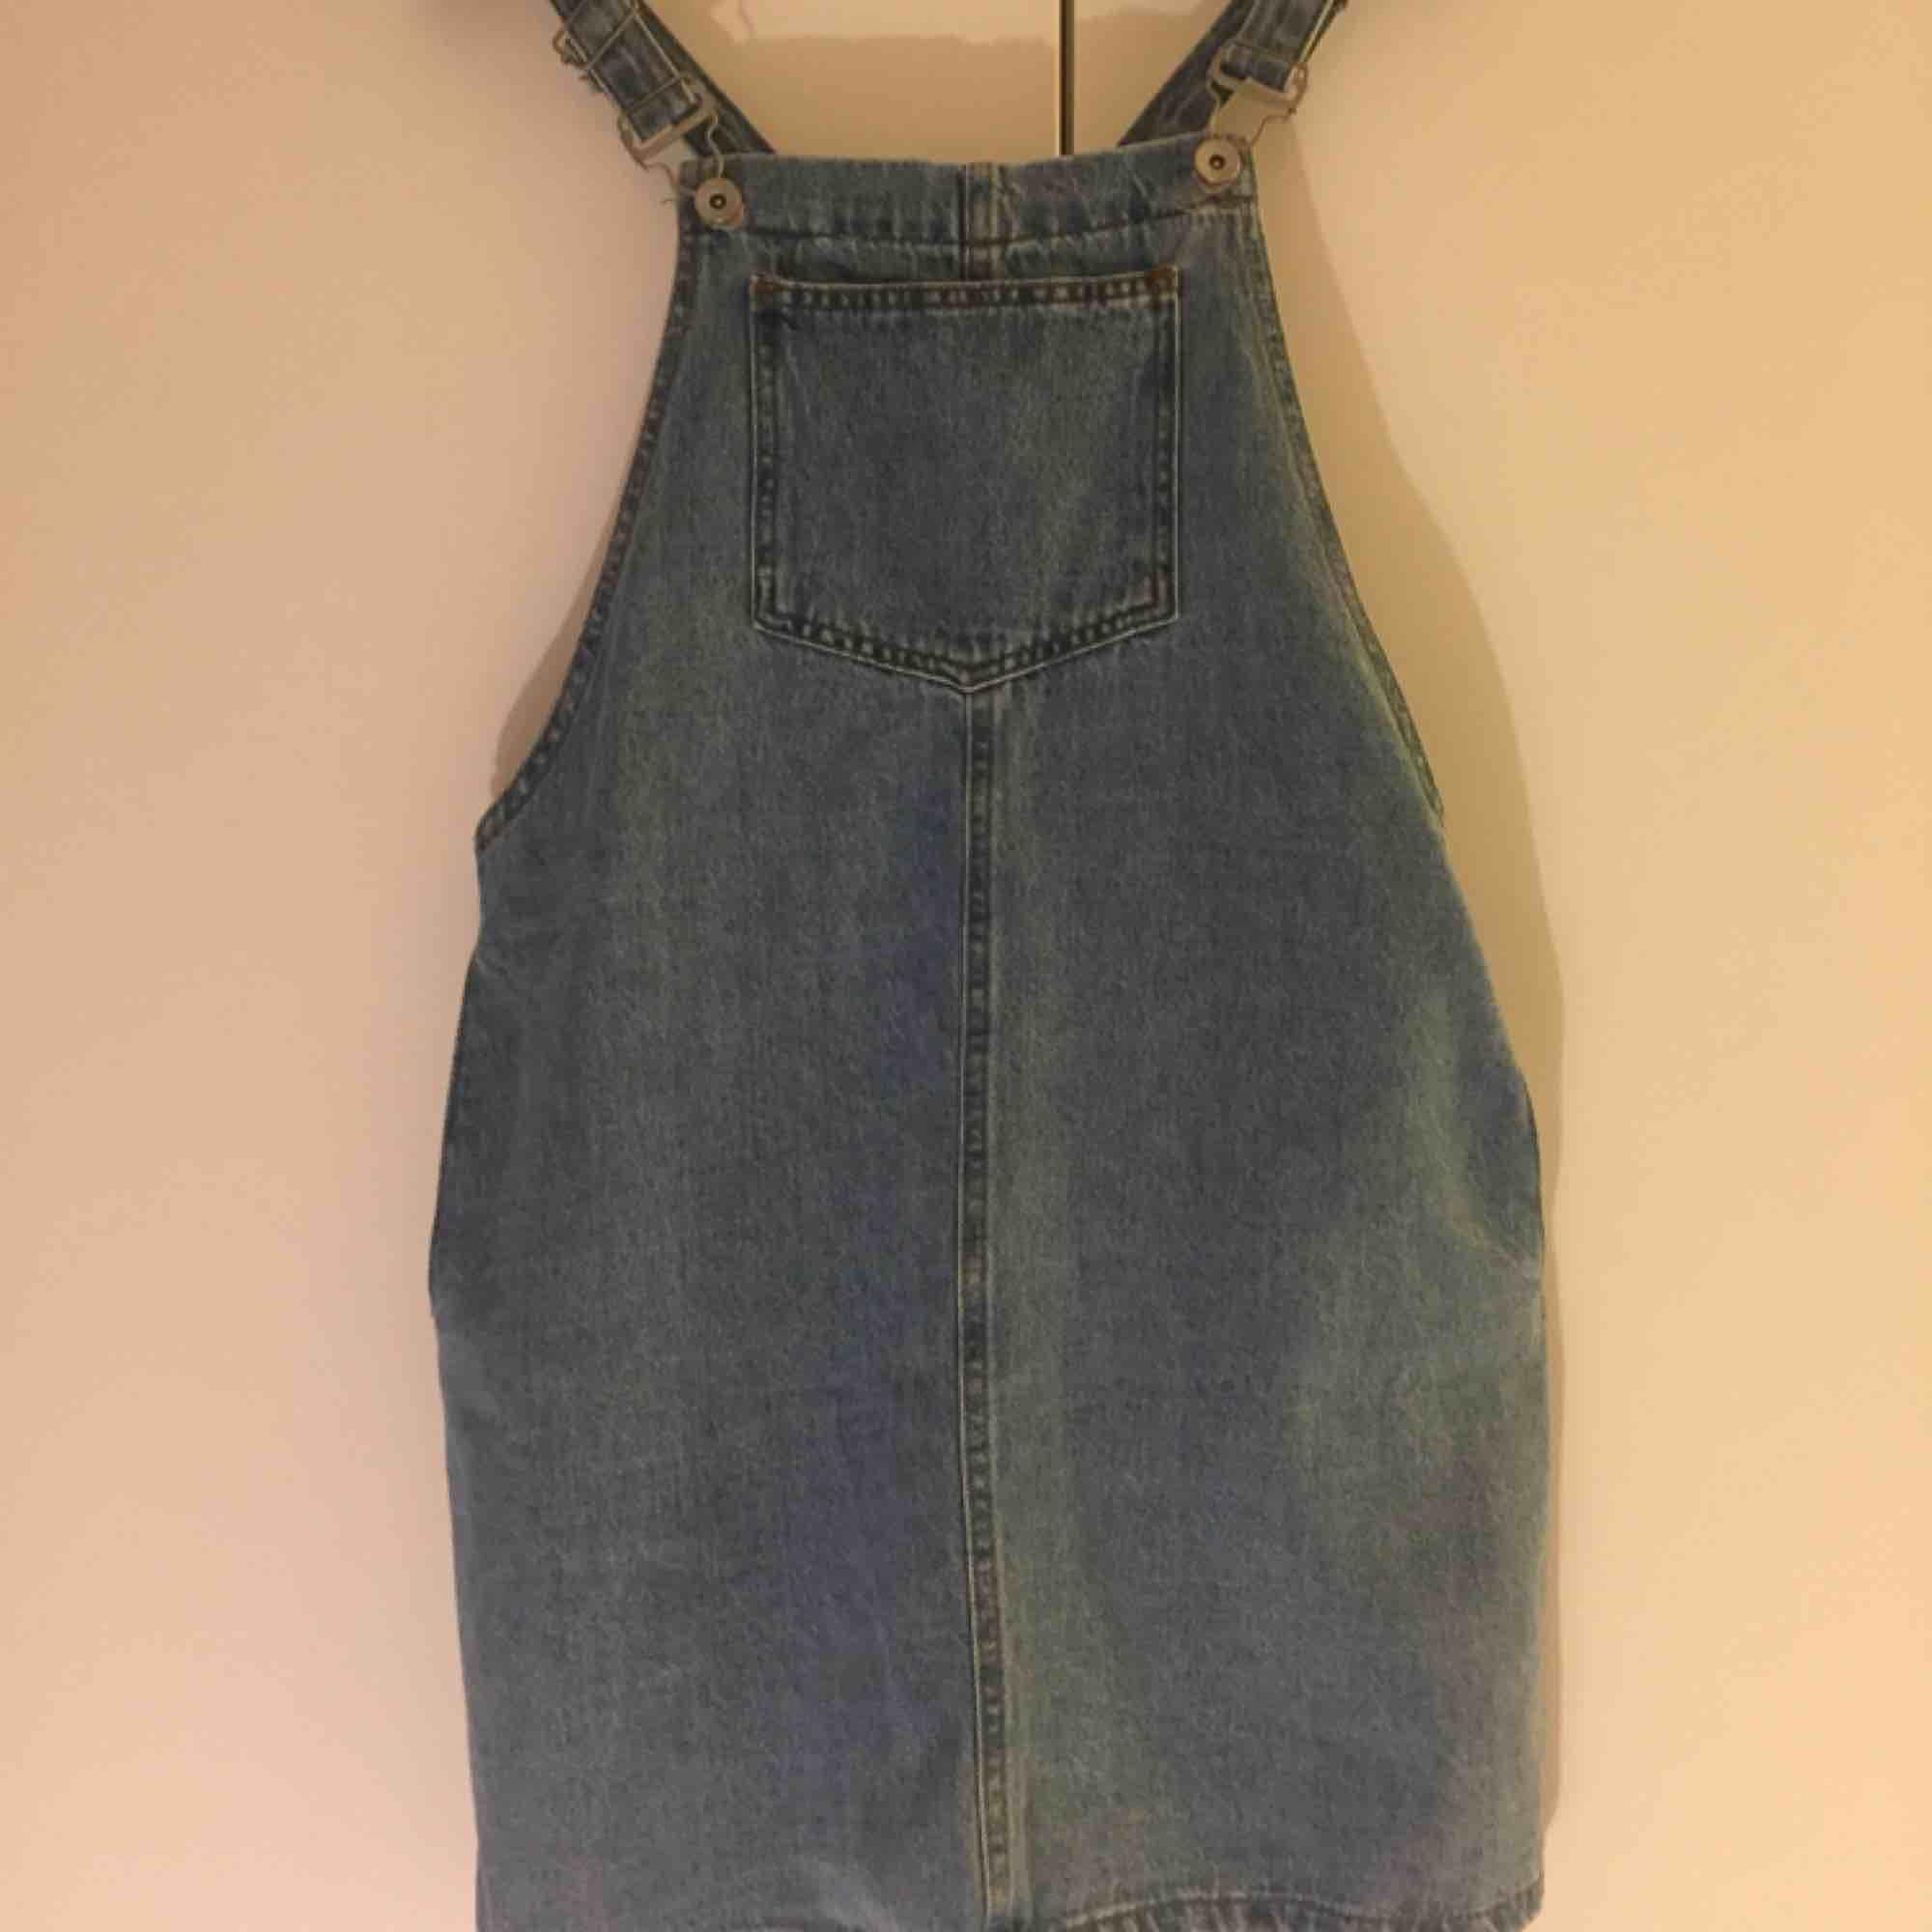 Klänning i jeans med hängslen och fickor! ✨ Från New Look Petit strl uk10/eu38 men då den är petitcollection är den tyvärr i kortaste laget för mig som har 36/38. Bara använd en gång. 📬 Frakt: 63 kr. Klänningar.